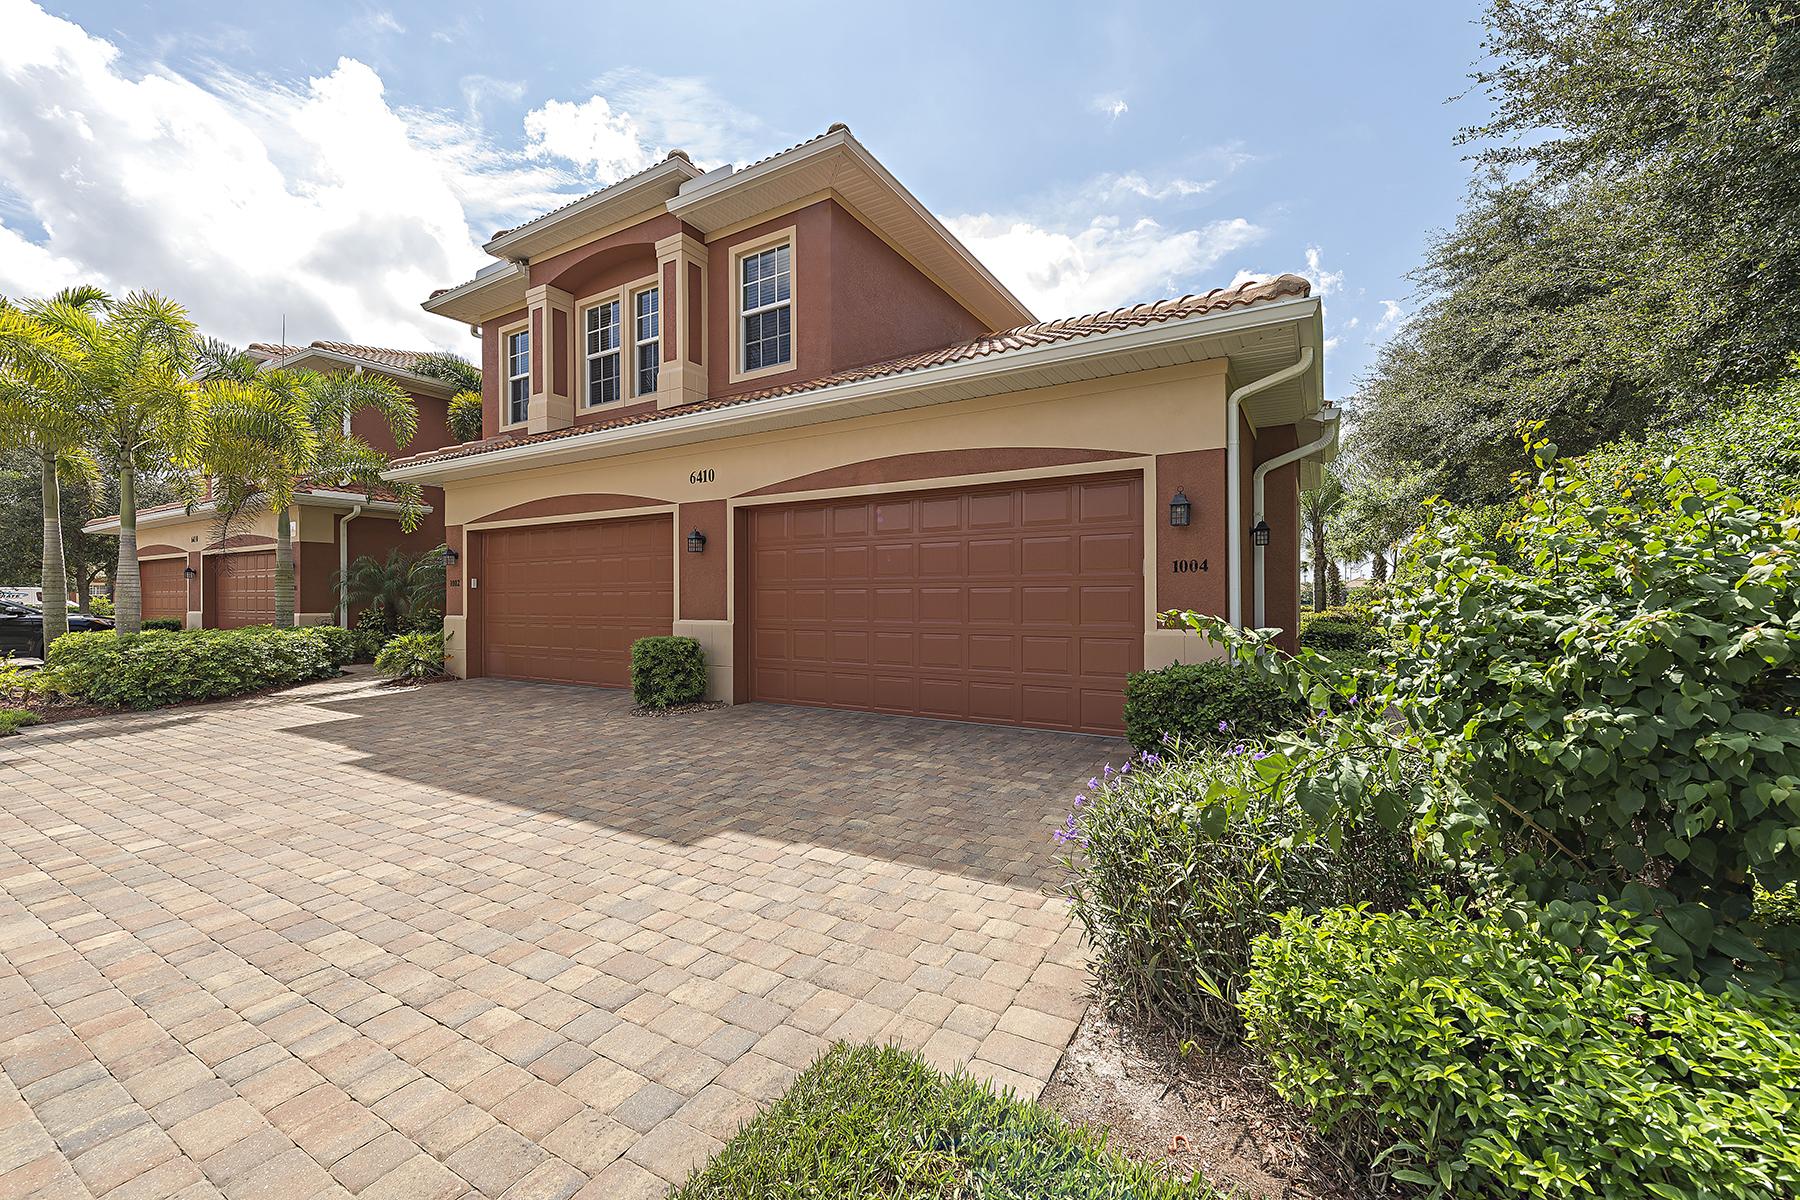 Кооперативная квартира для того Продажа на LEGACY - LELY RESORT 6410 Legacy Cir 1004 Naples, Флорида 34113 Соединенные Штаты